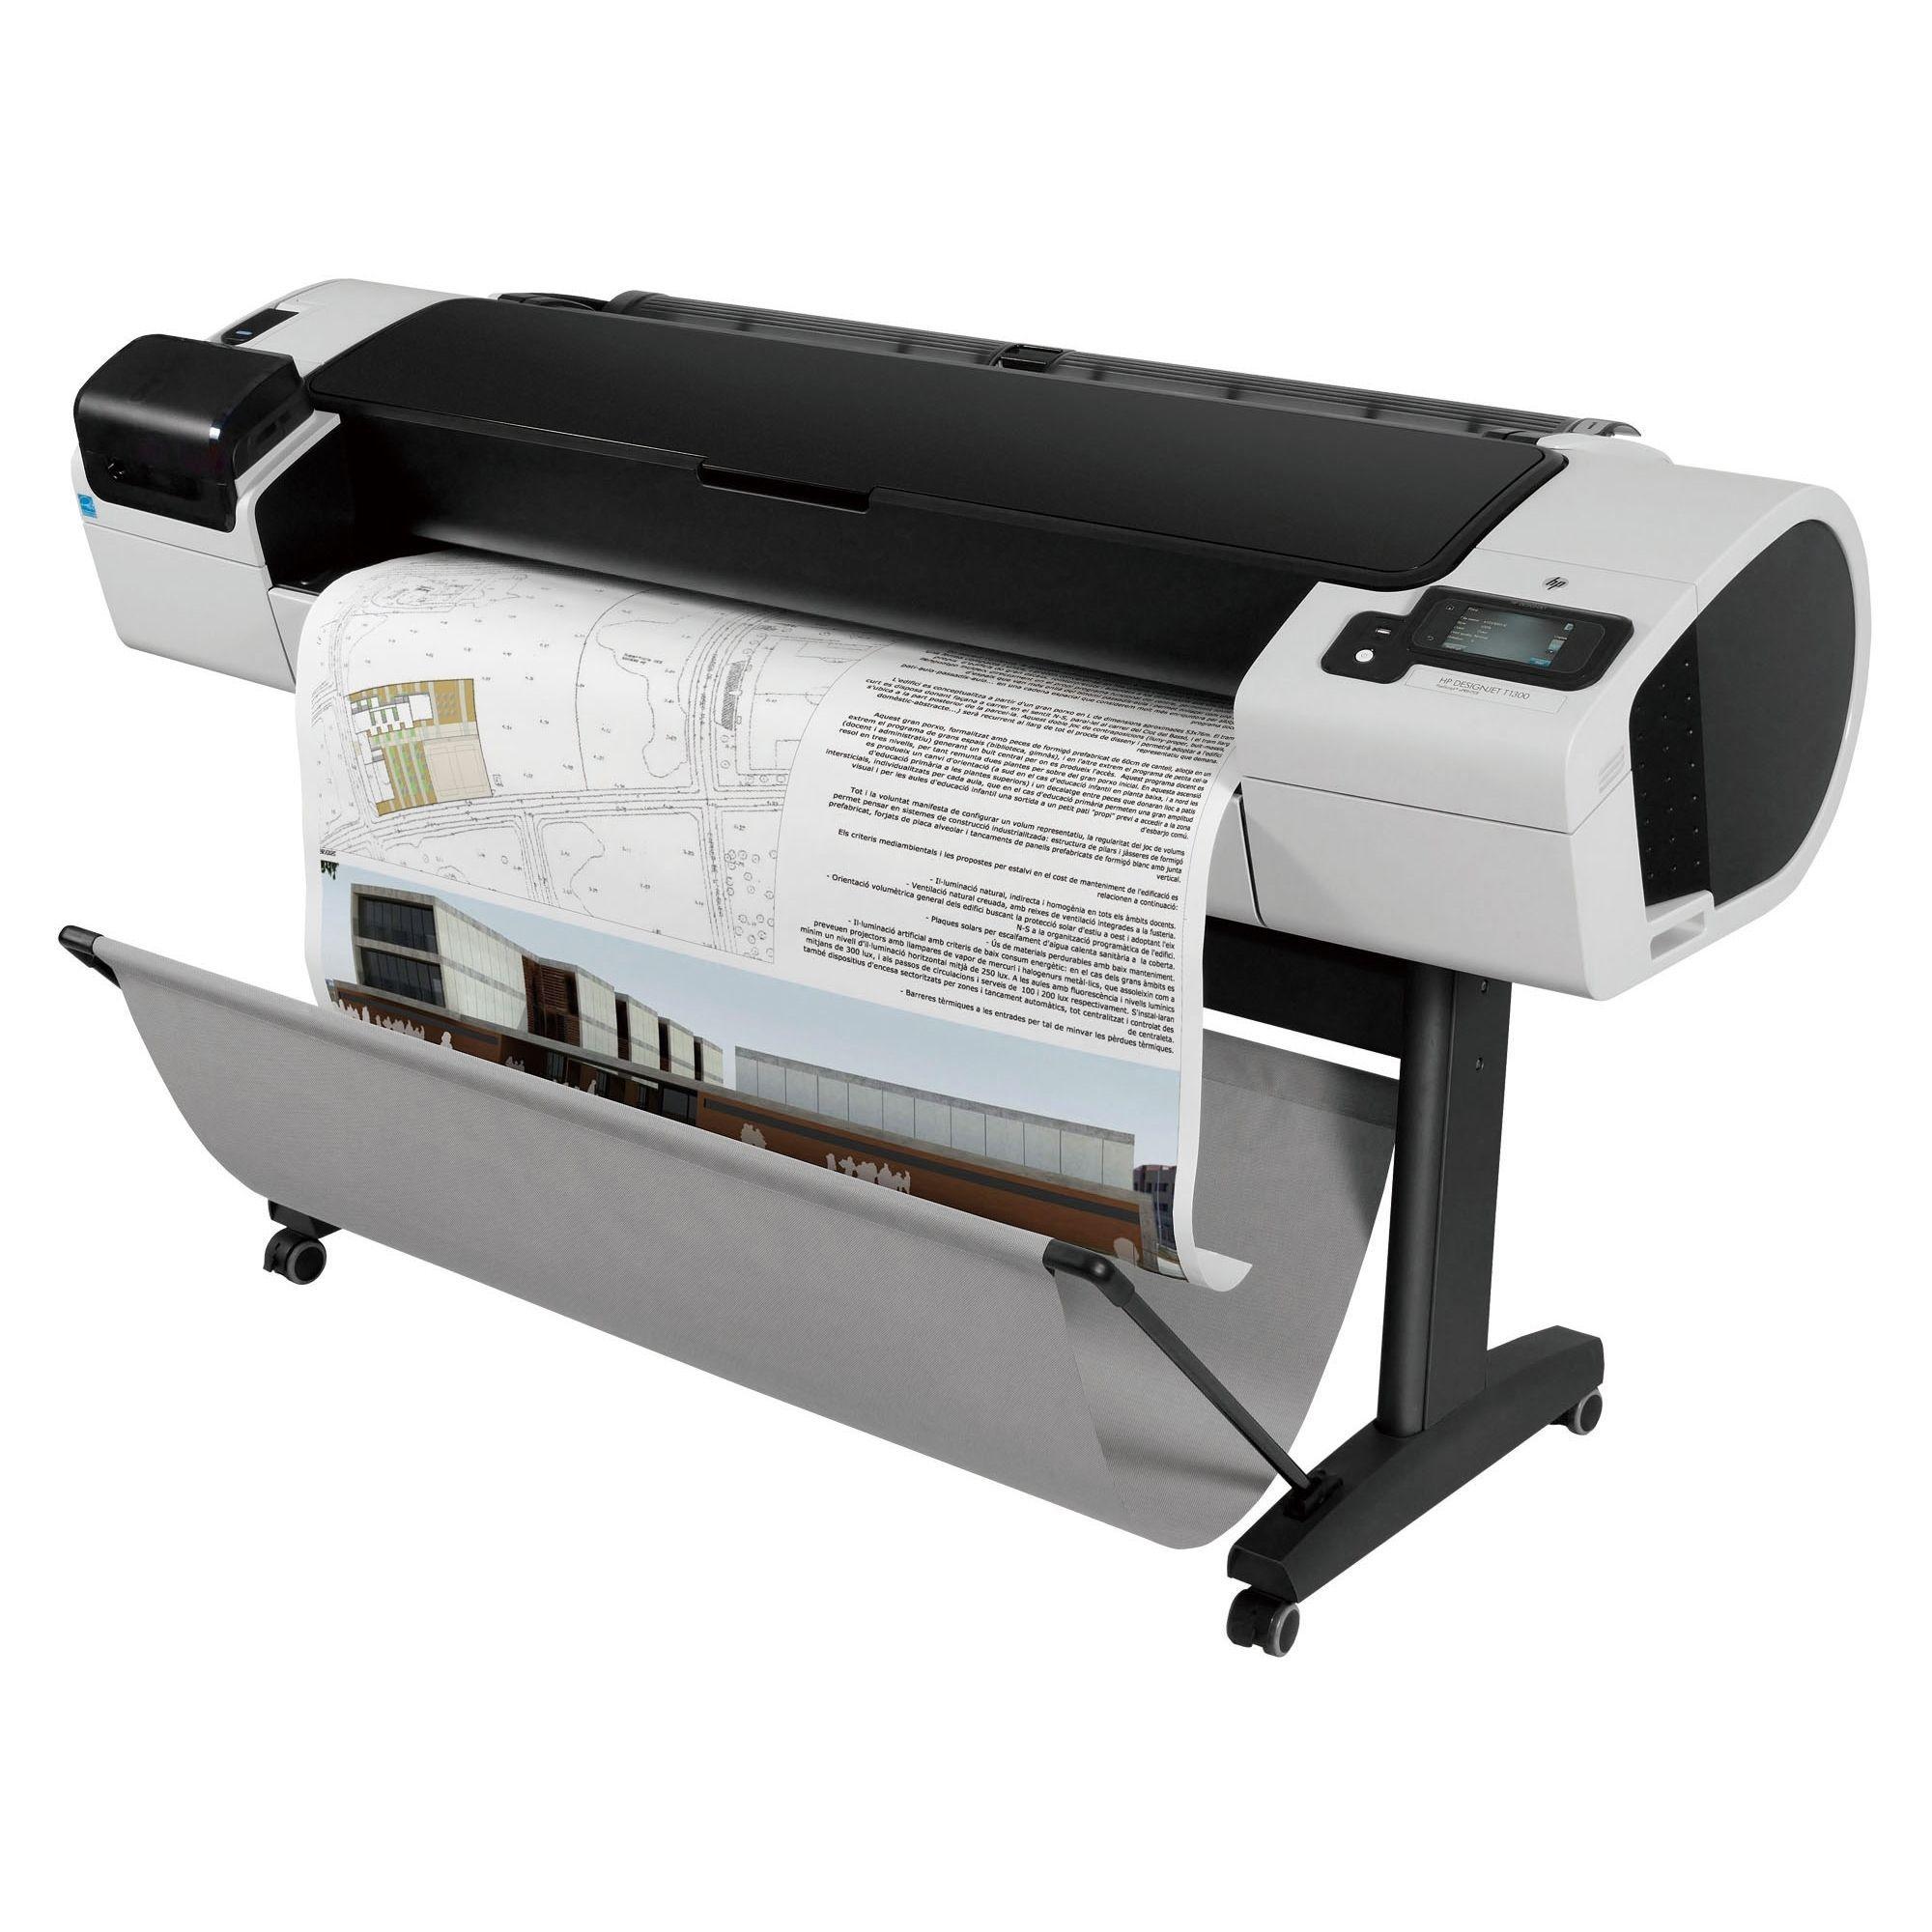 Принтер для печати фото с резаком